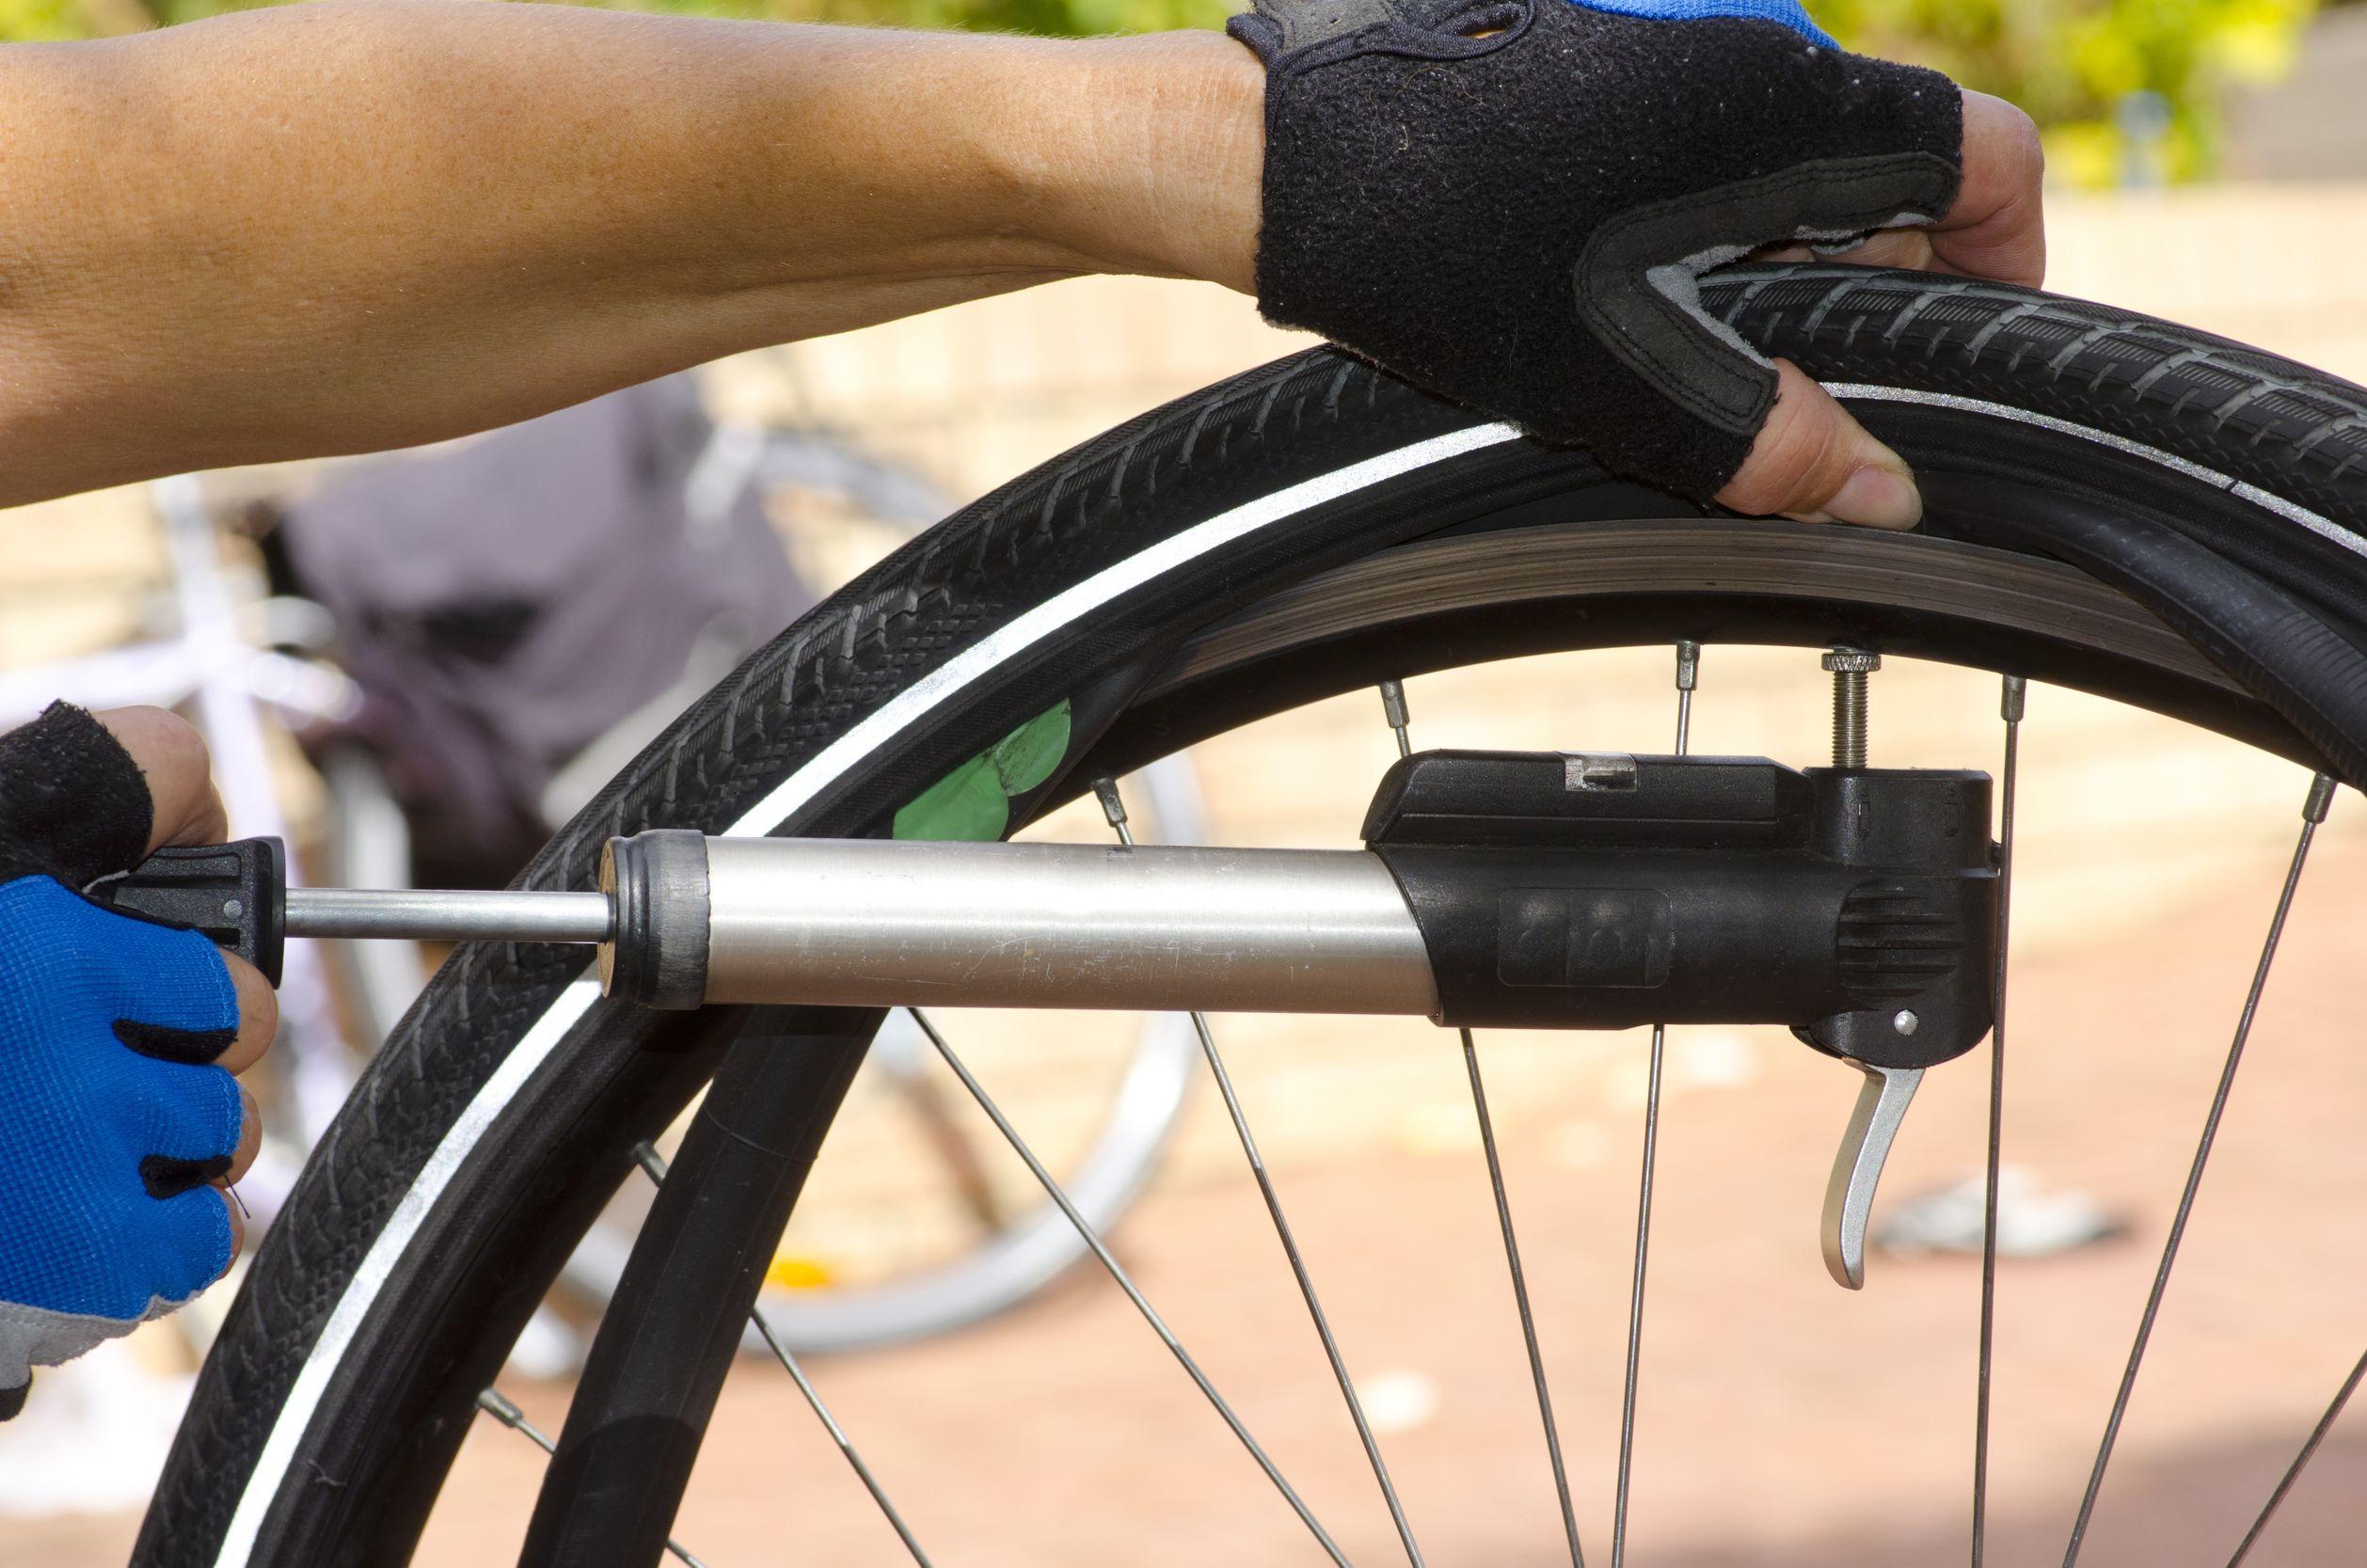 Fahrradpumpe: Test & Empfehlungen (11/20)